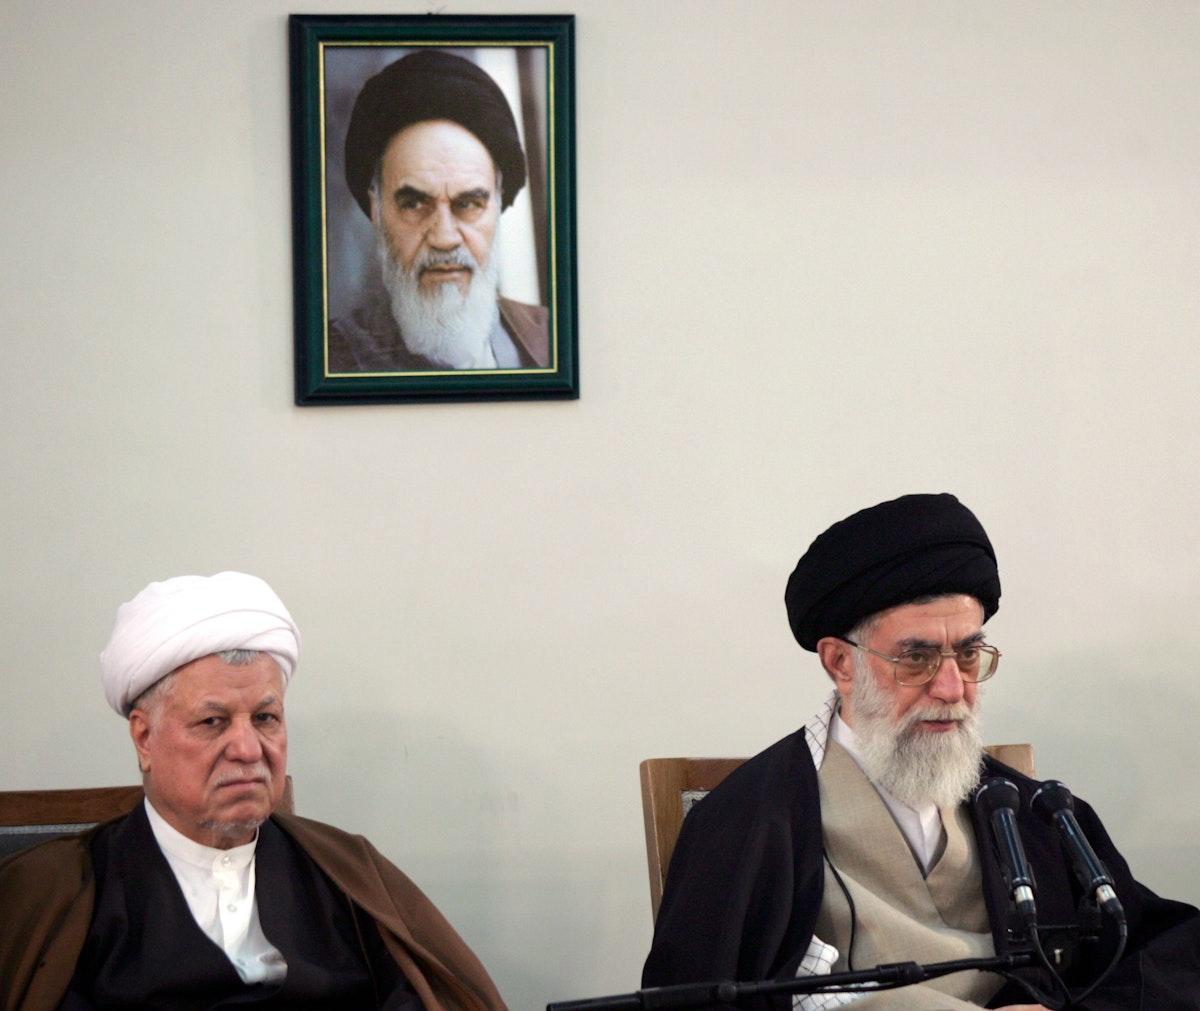 الرئيس الإيراني السابق أكبر هاشمي رفسنجاني (يسار) إلى جانب المرشد علي خامنئي خلال اجتماع لمجلس الخبراء في طهران- 9 مارس 2006 - REUTERS